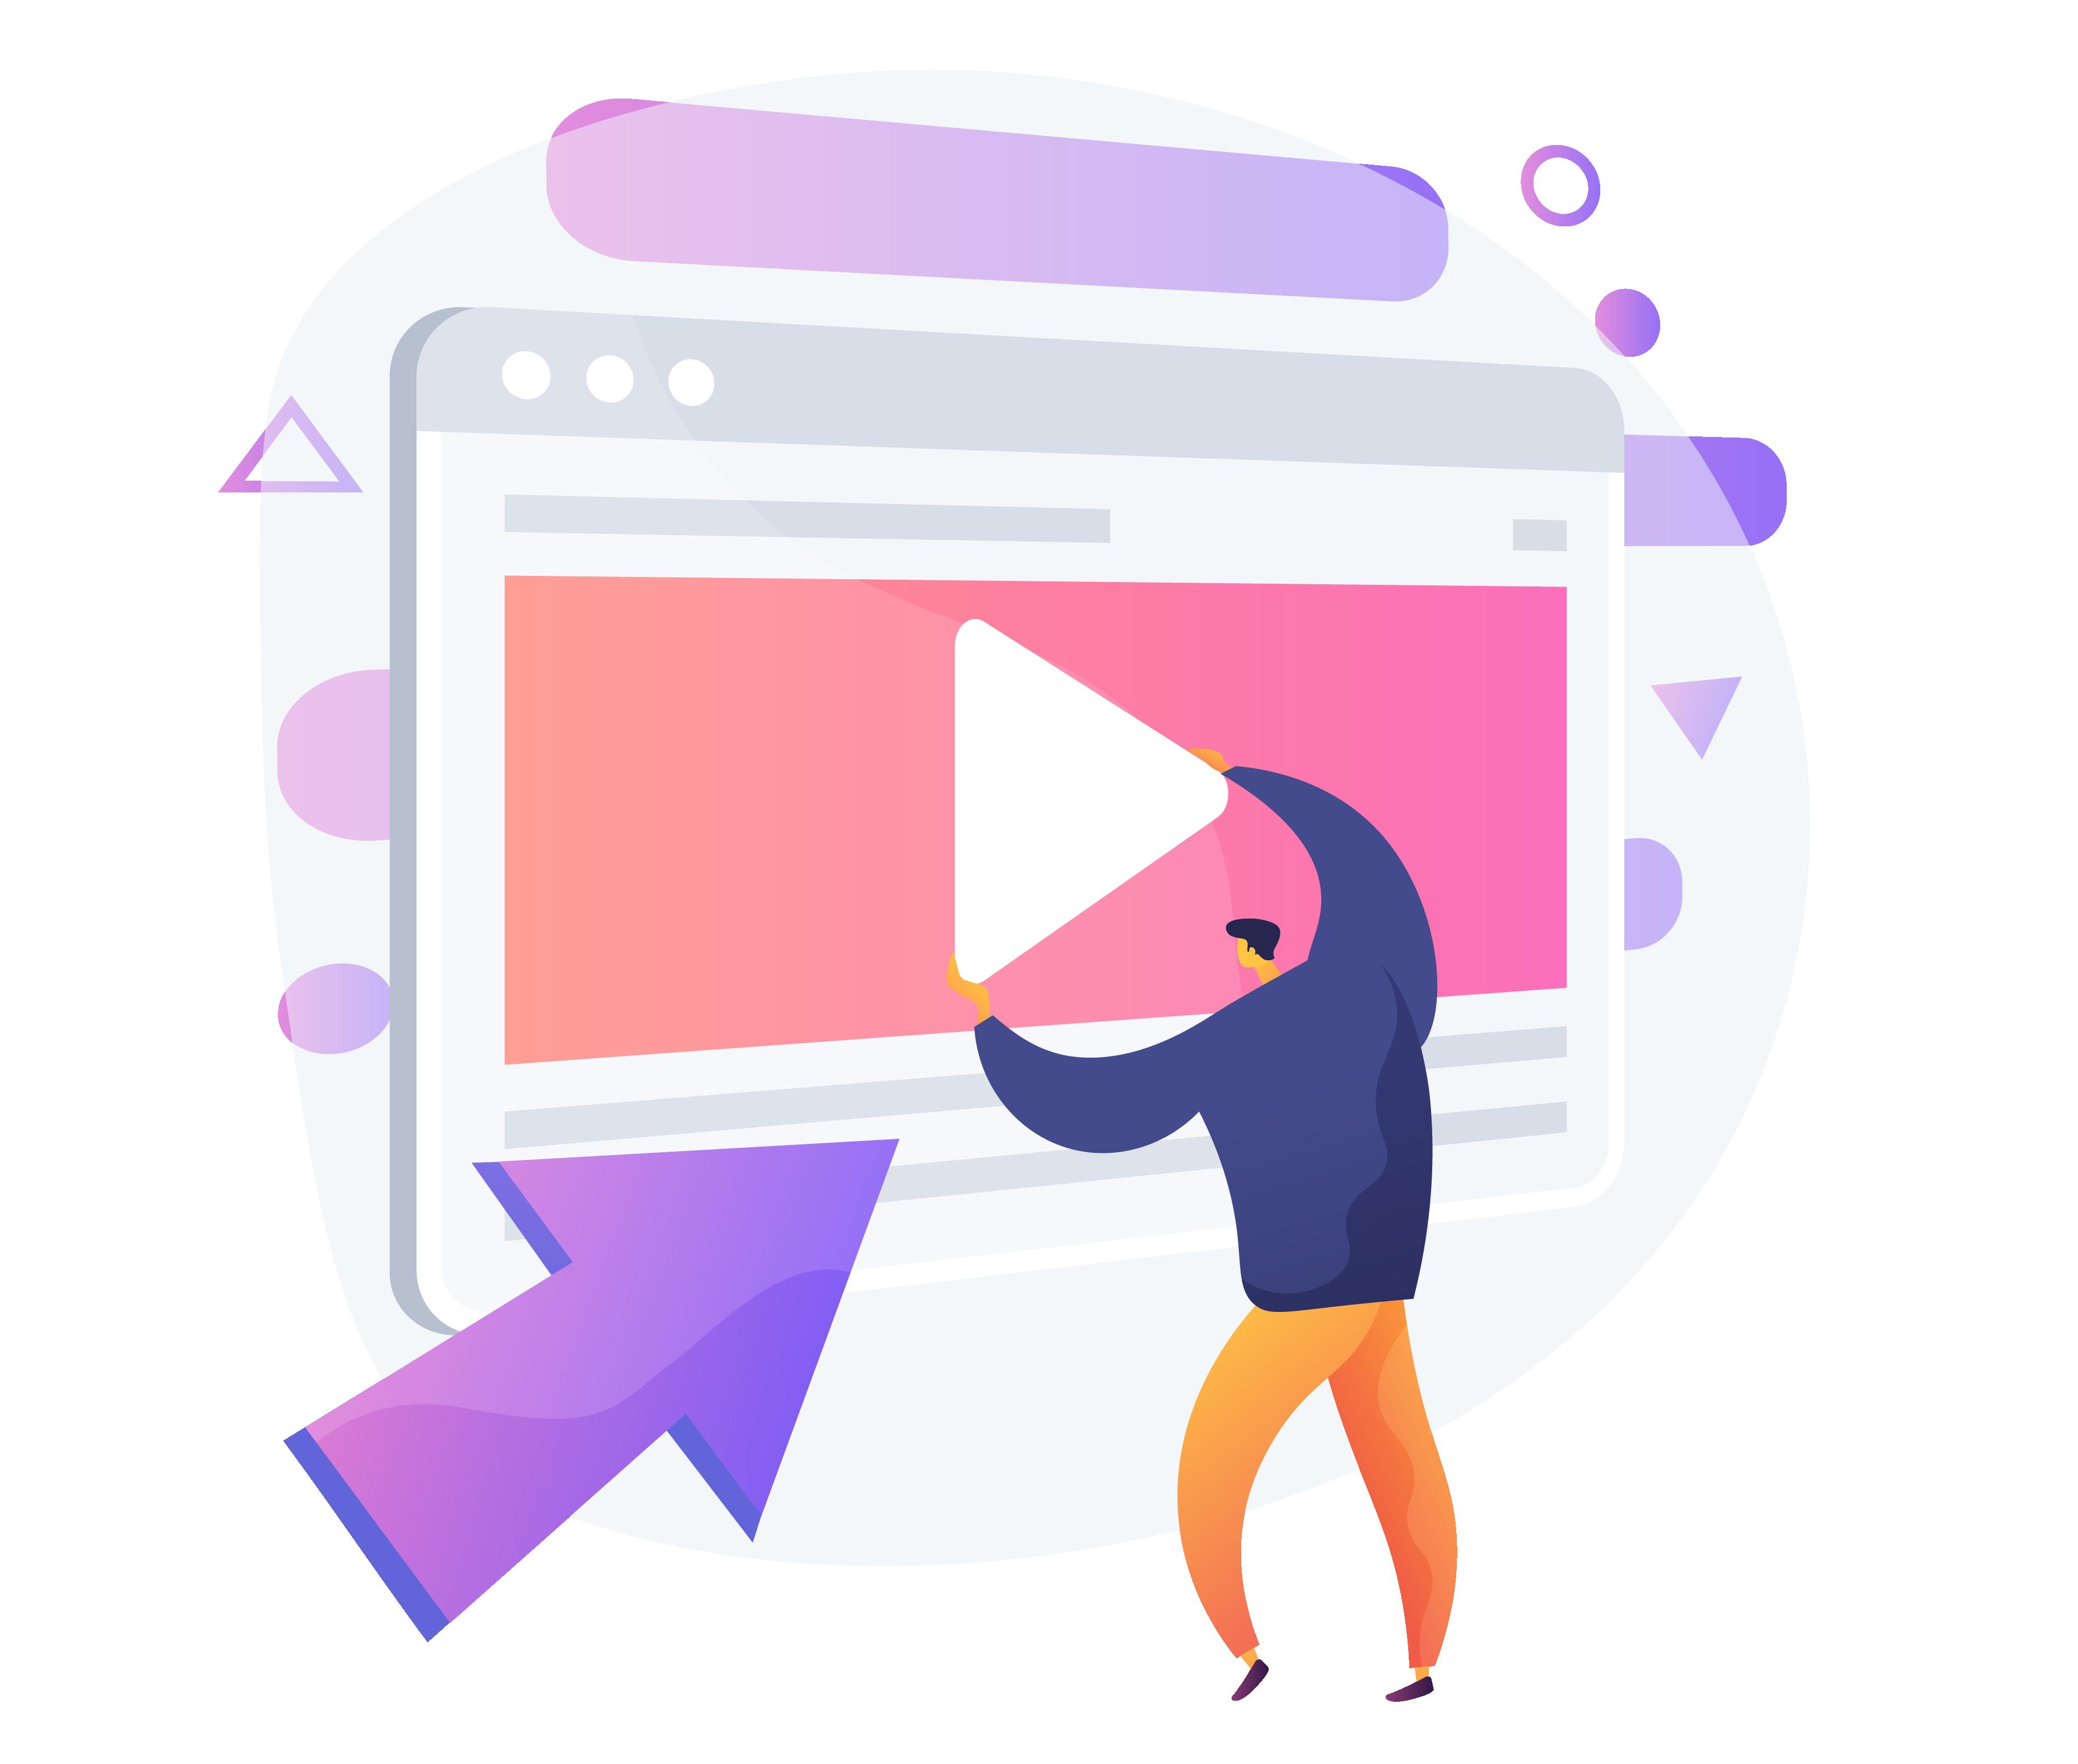 Video visuel identitet